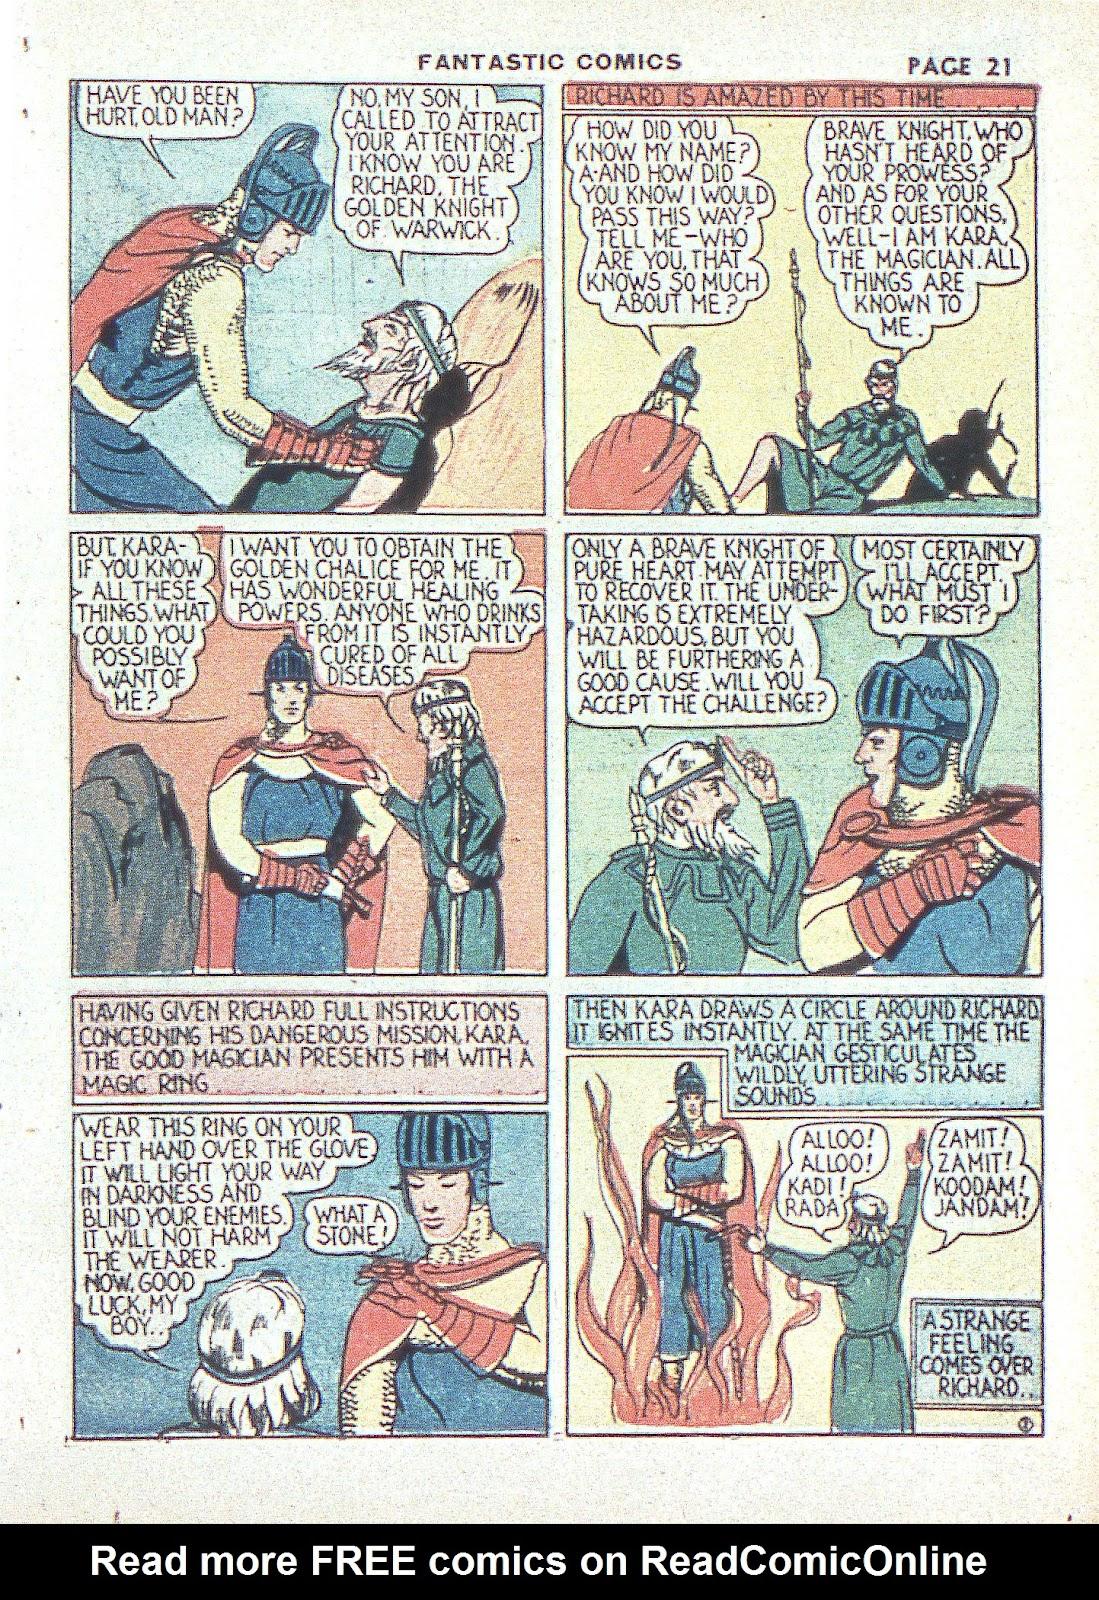 Read online Fantastic Comics comic -  Issue #3 - 24